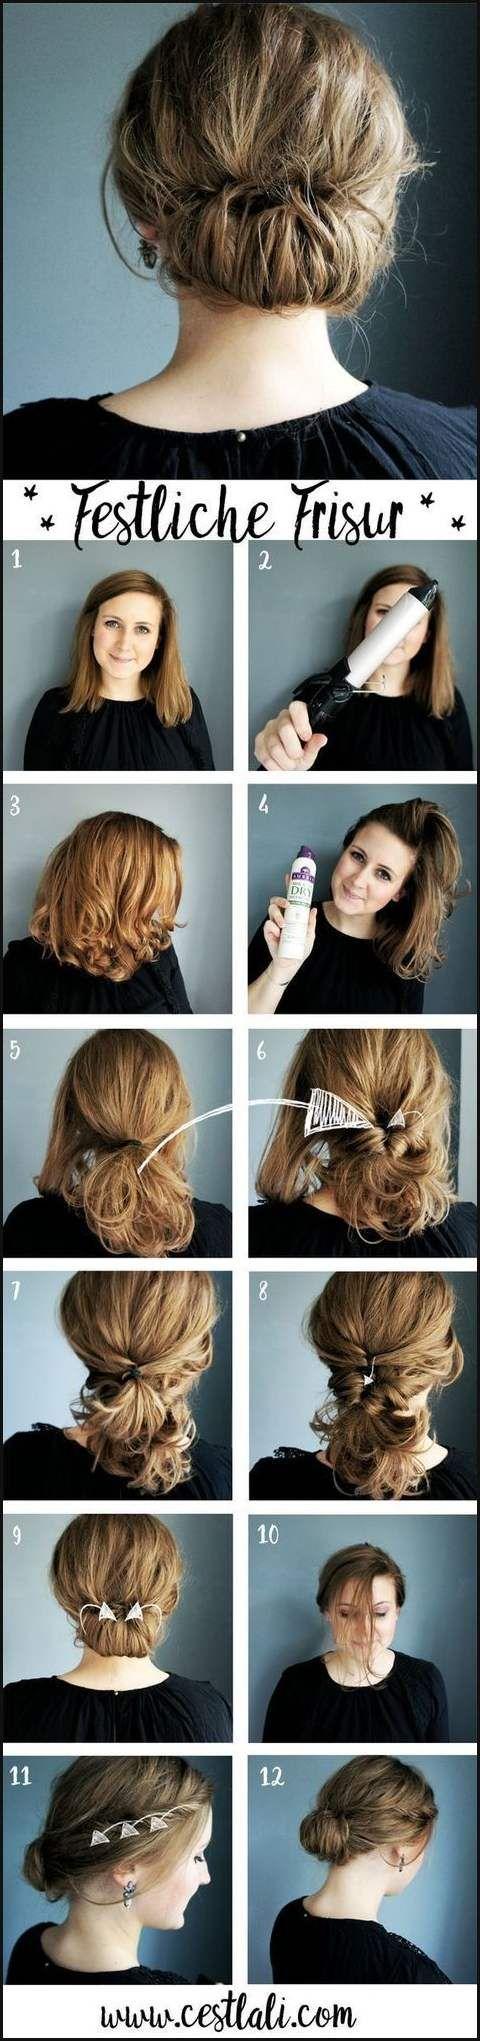 Pin Von T H Auf Haar Ideen Frisuren Festliche Frisuren Anleitung Festliche Frisuren